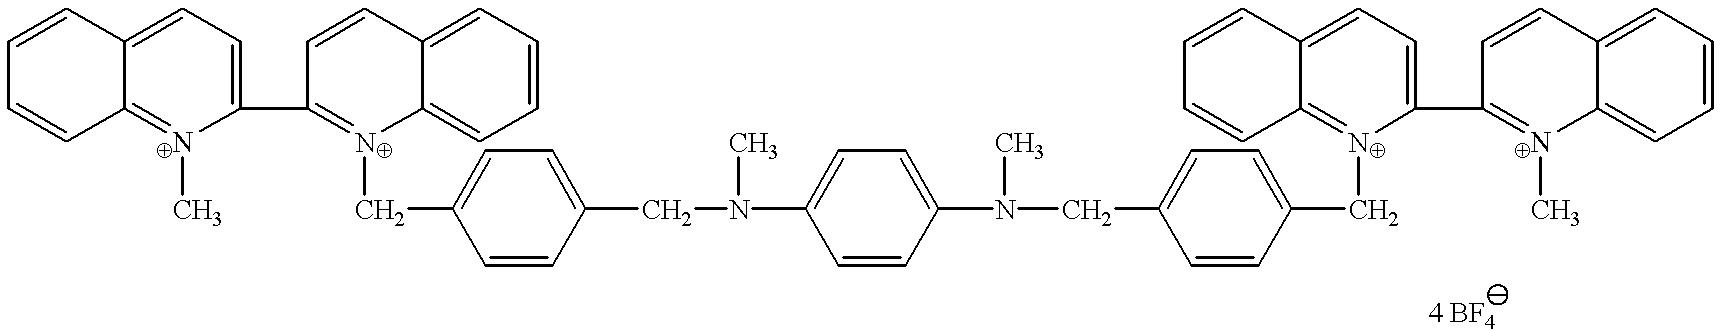 Figure US06241916-20010605-C00062